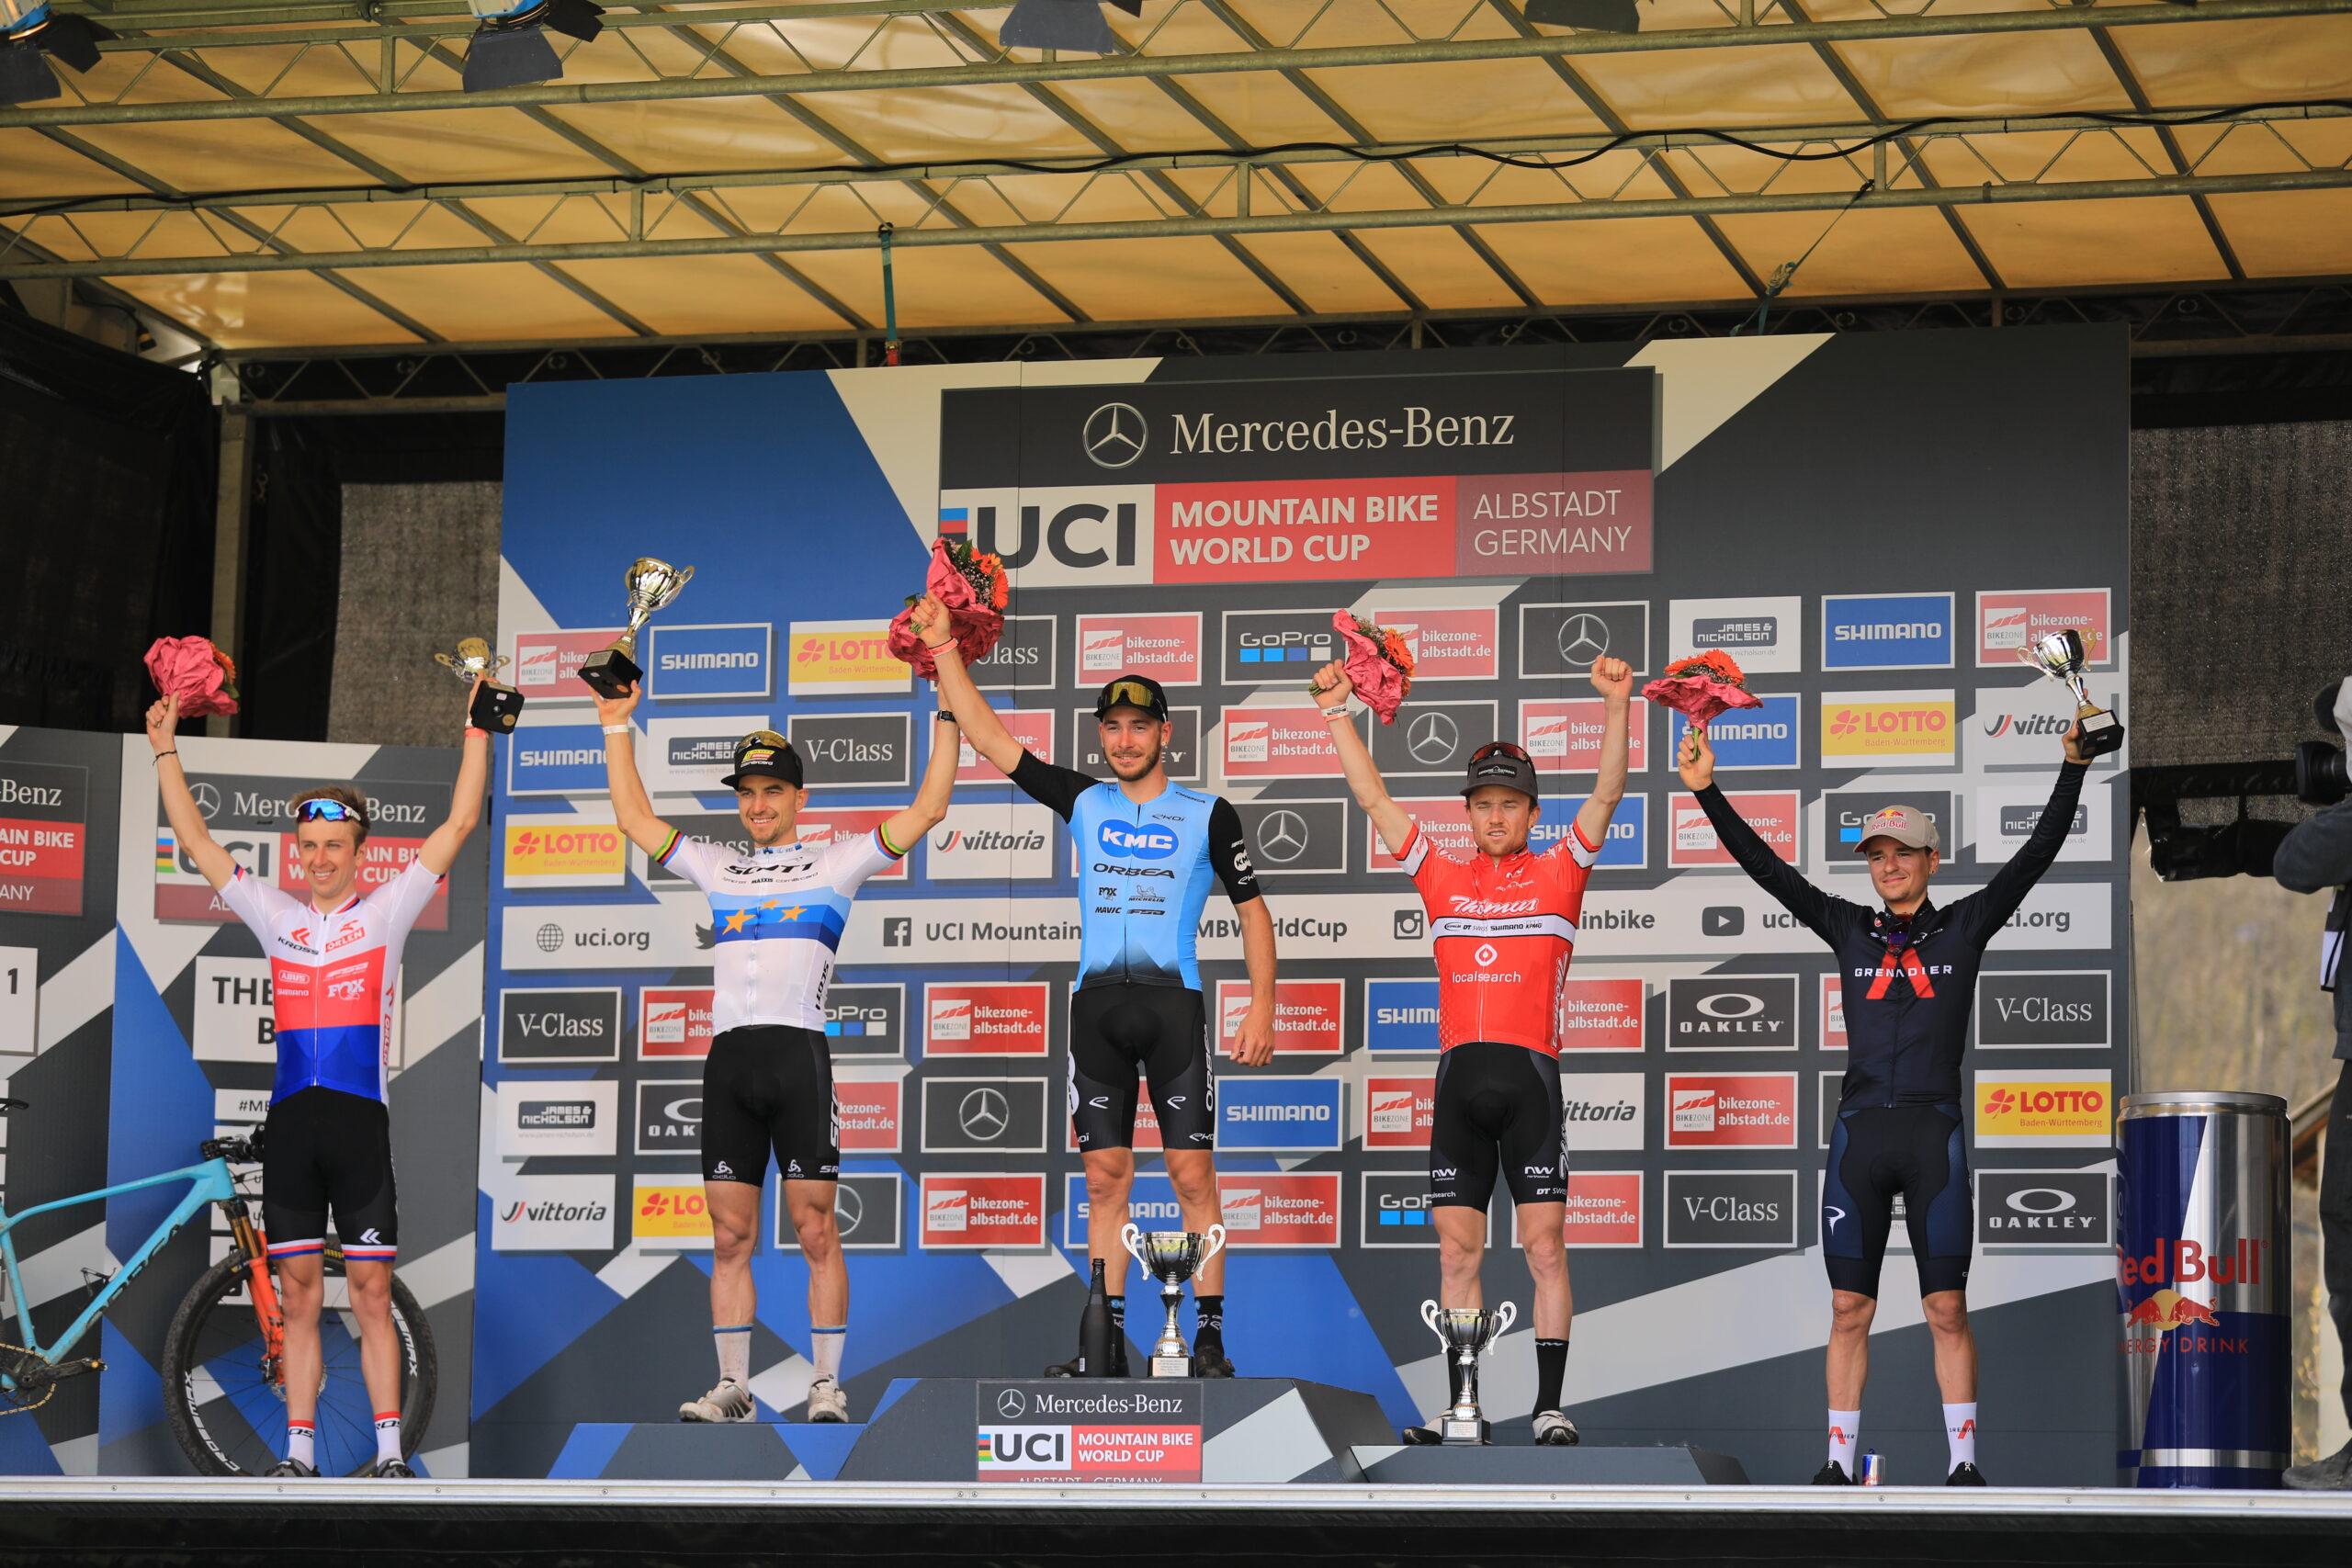 Victor Koretzky verslaat Nino Schurter in de sprint in wereldbeker Albstadt